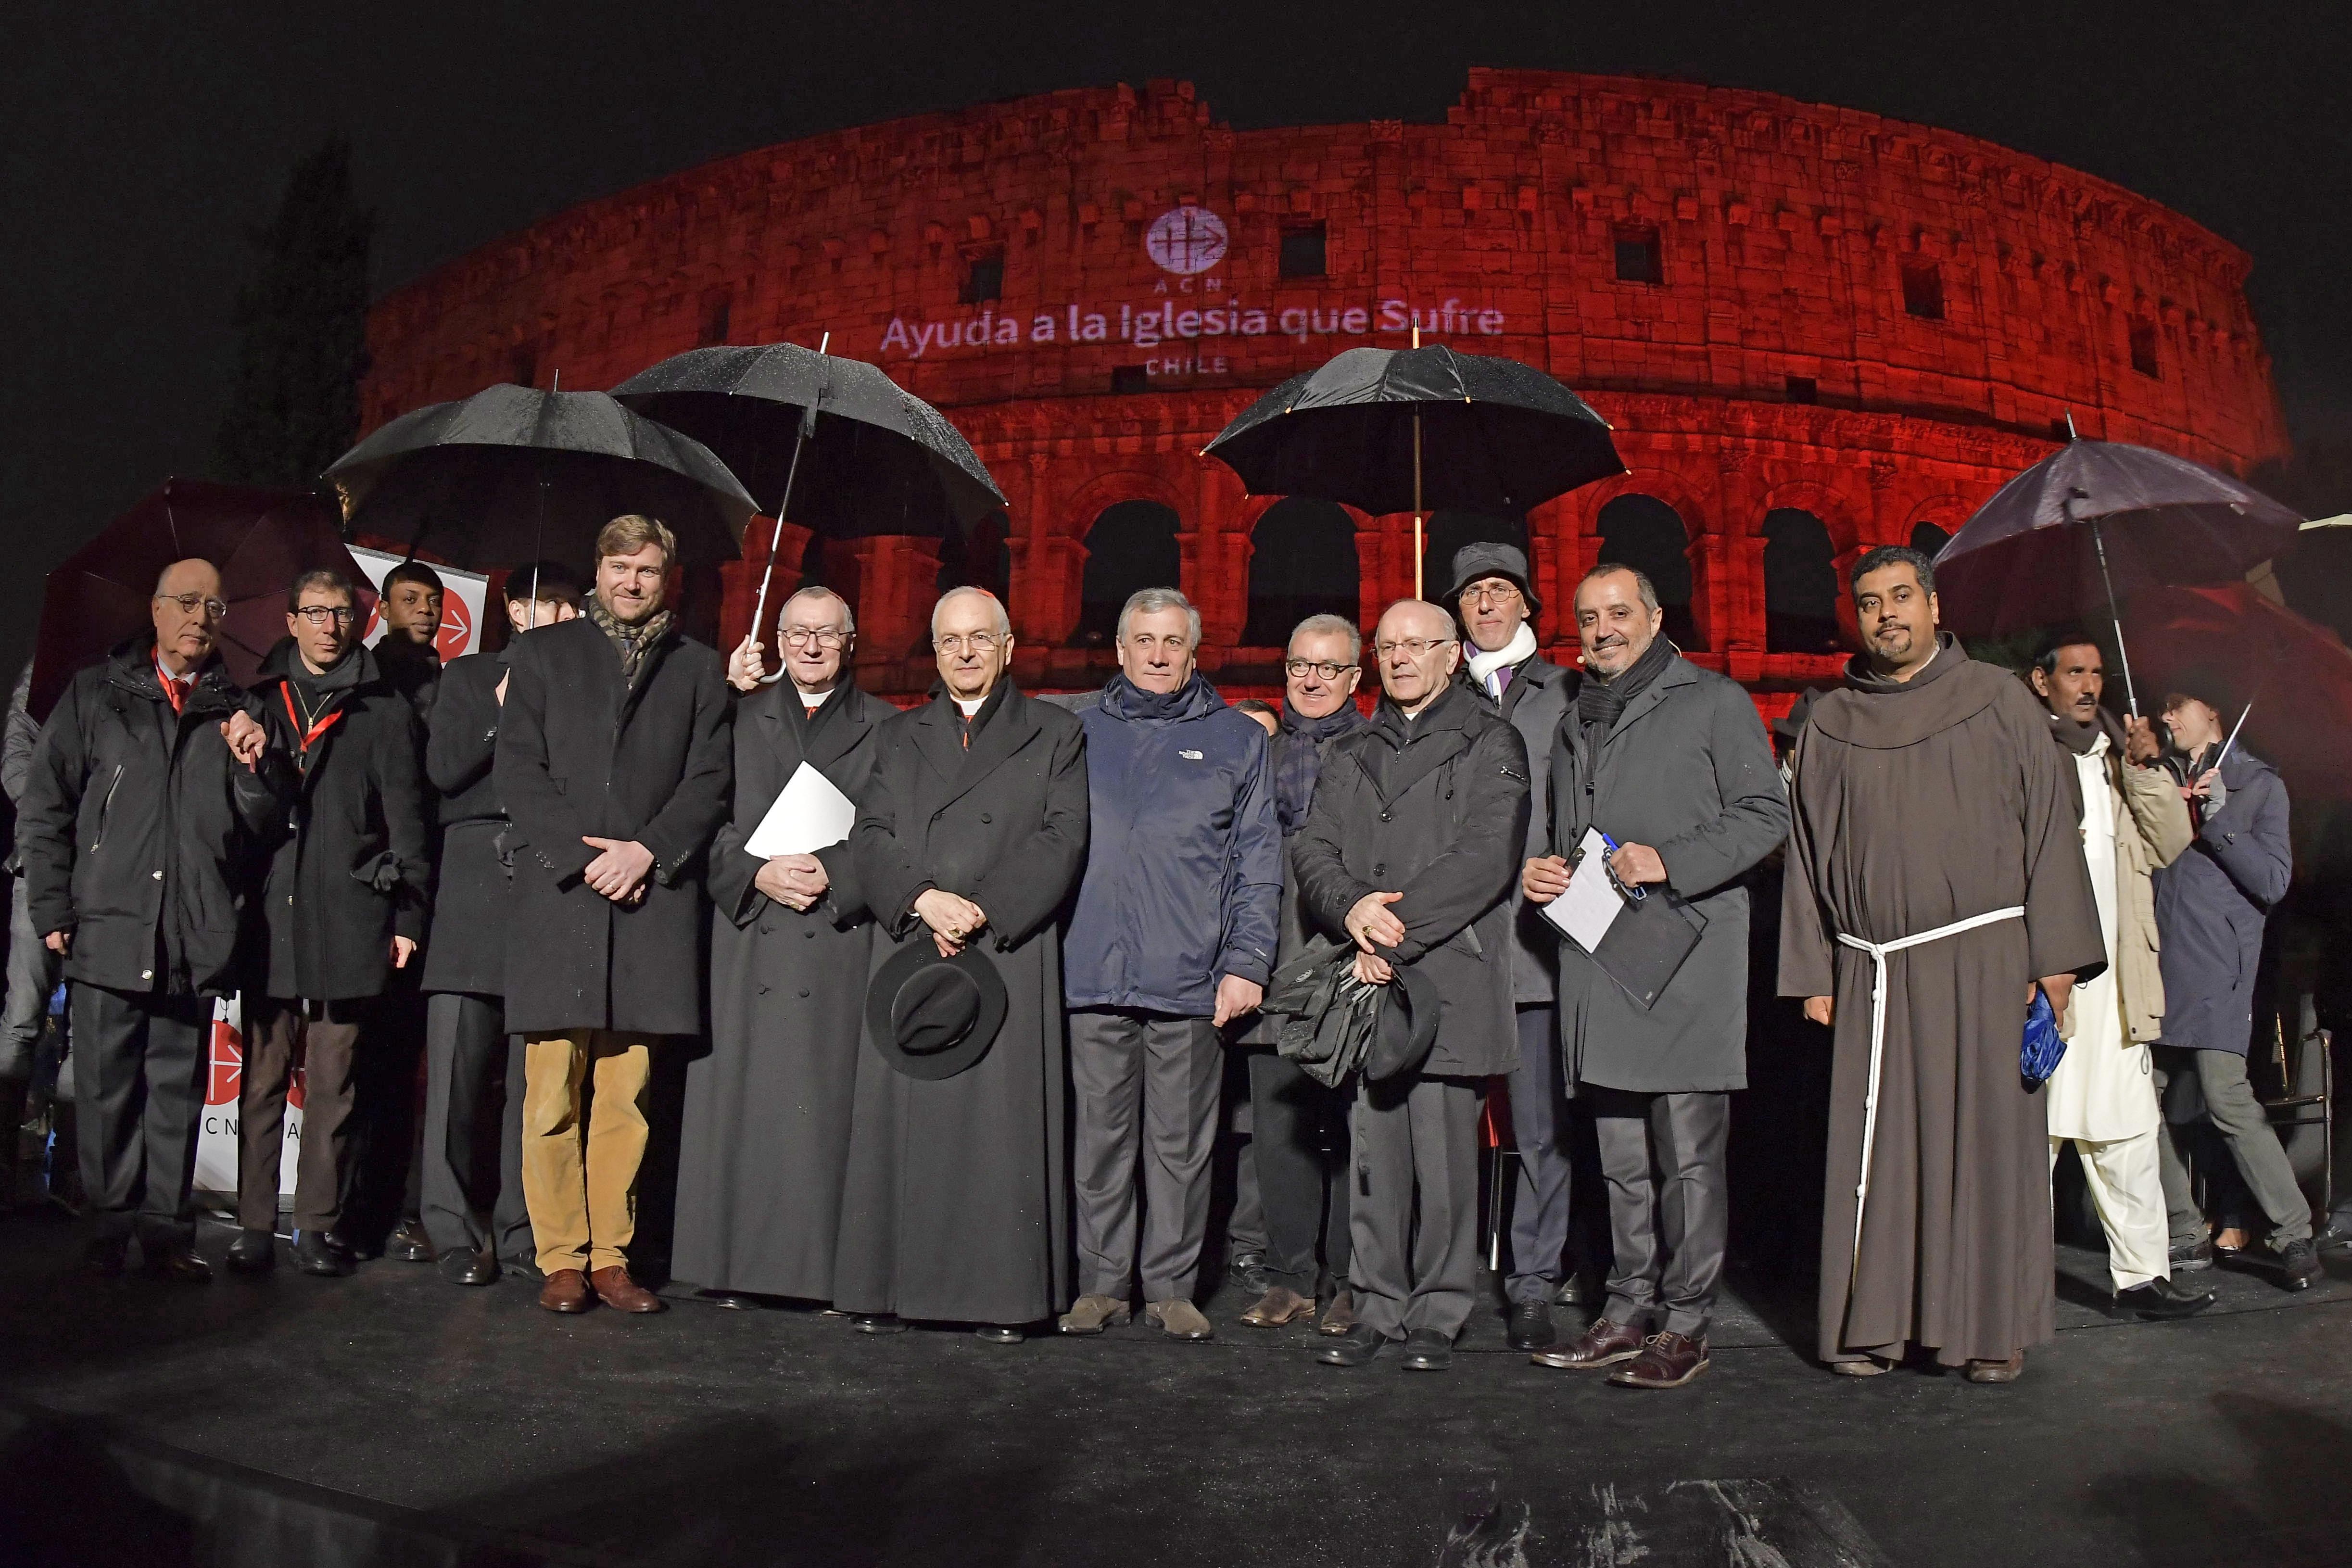 La iluminación del Coliseo Romano recordó a los cristianos perseguidos en el mundo